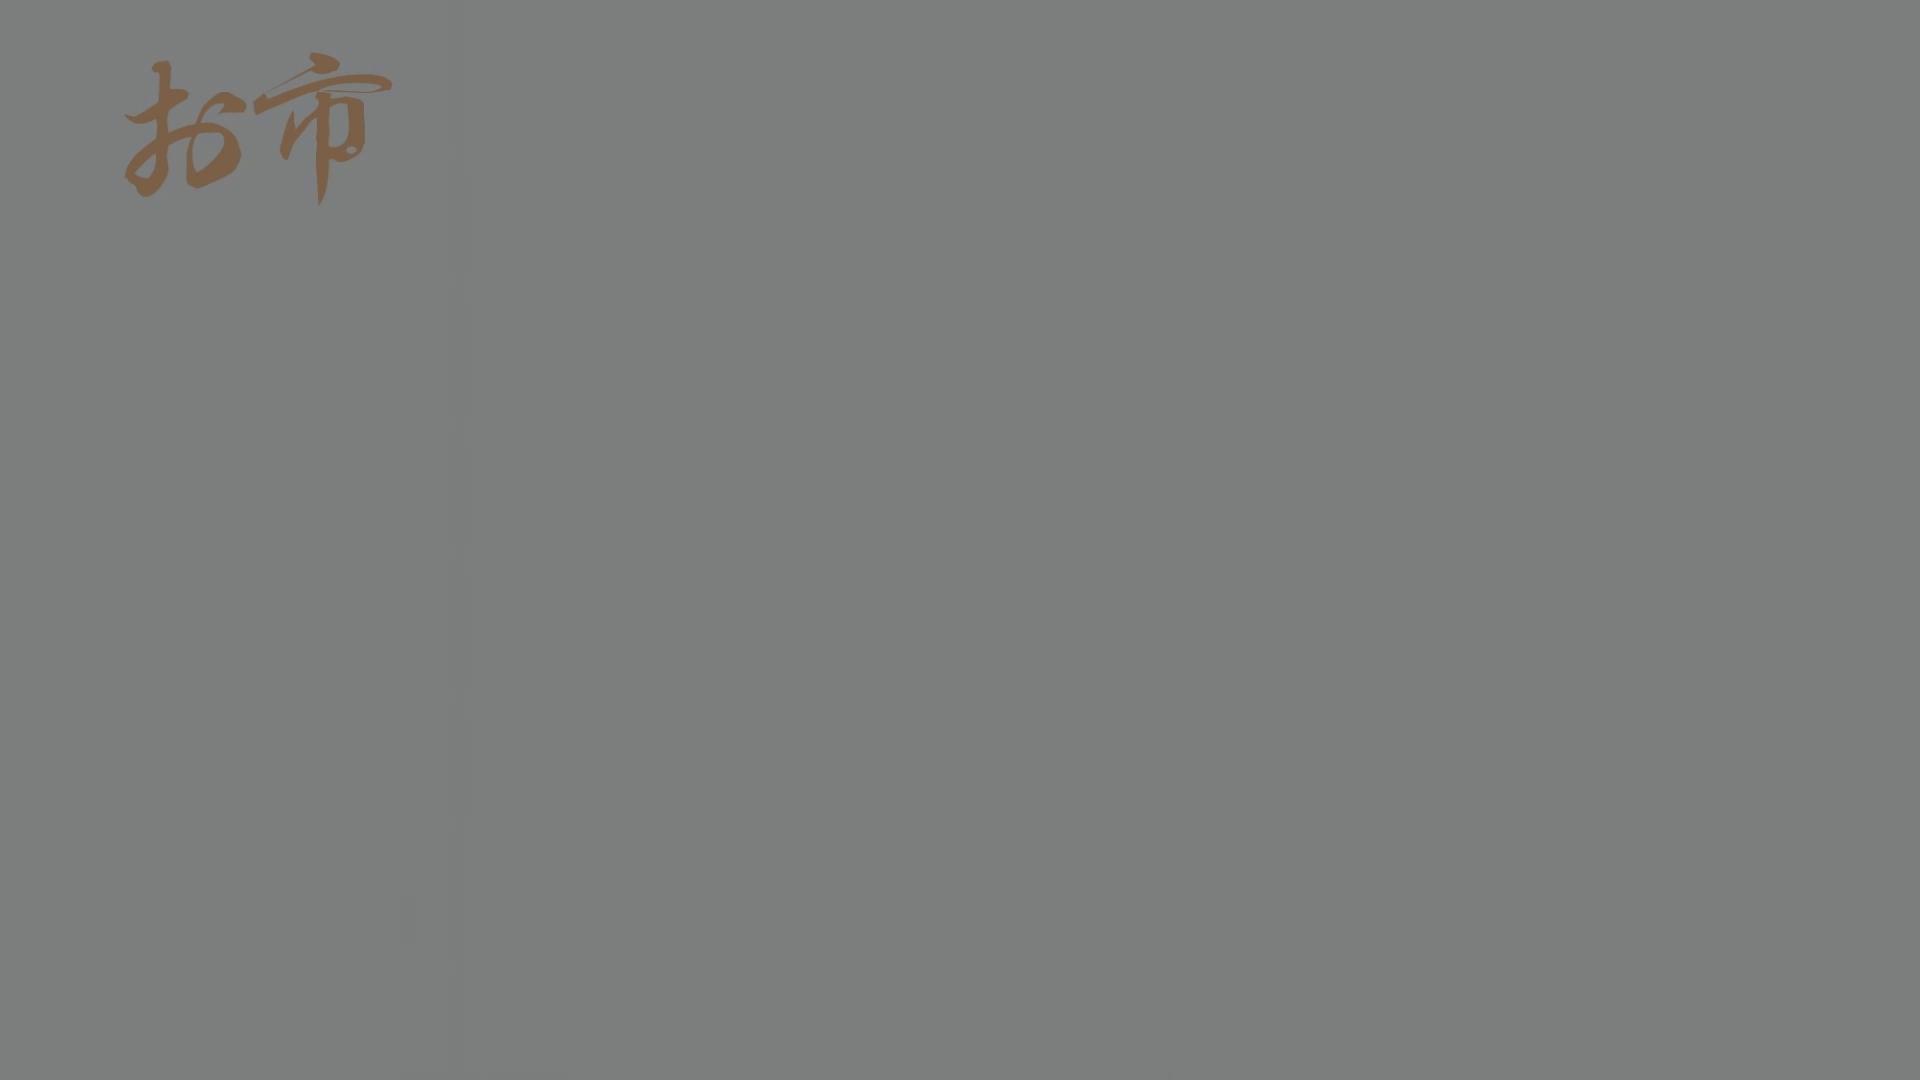 潜入!!台湾名門女学院 Vol.12 長身モデル驚き見たことないシチュエーション 潜入 オメコ動画キャプチャ 101pic 4